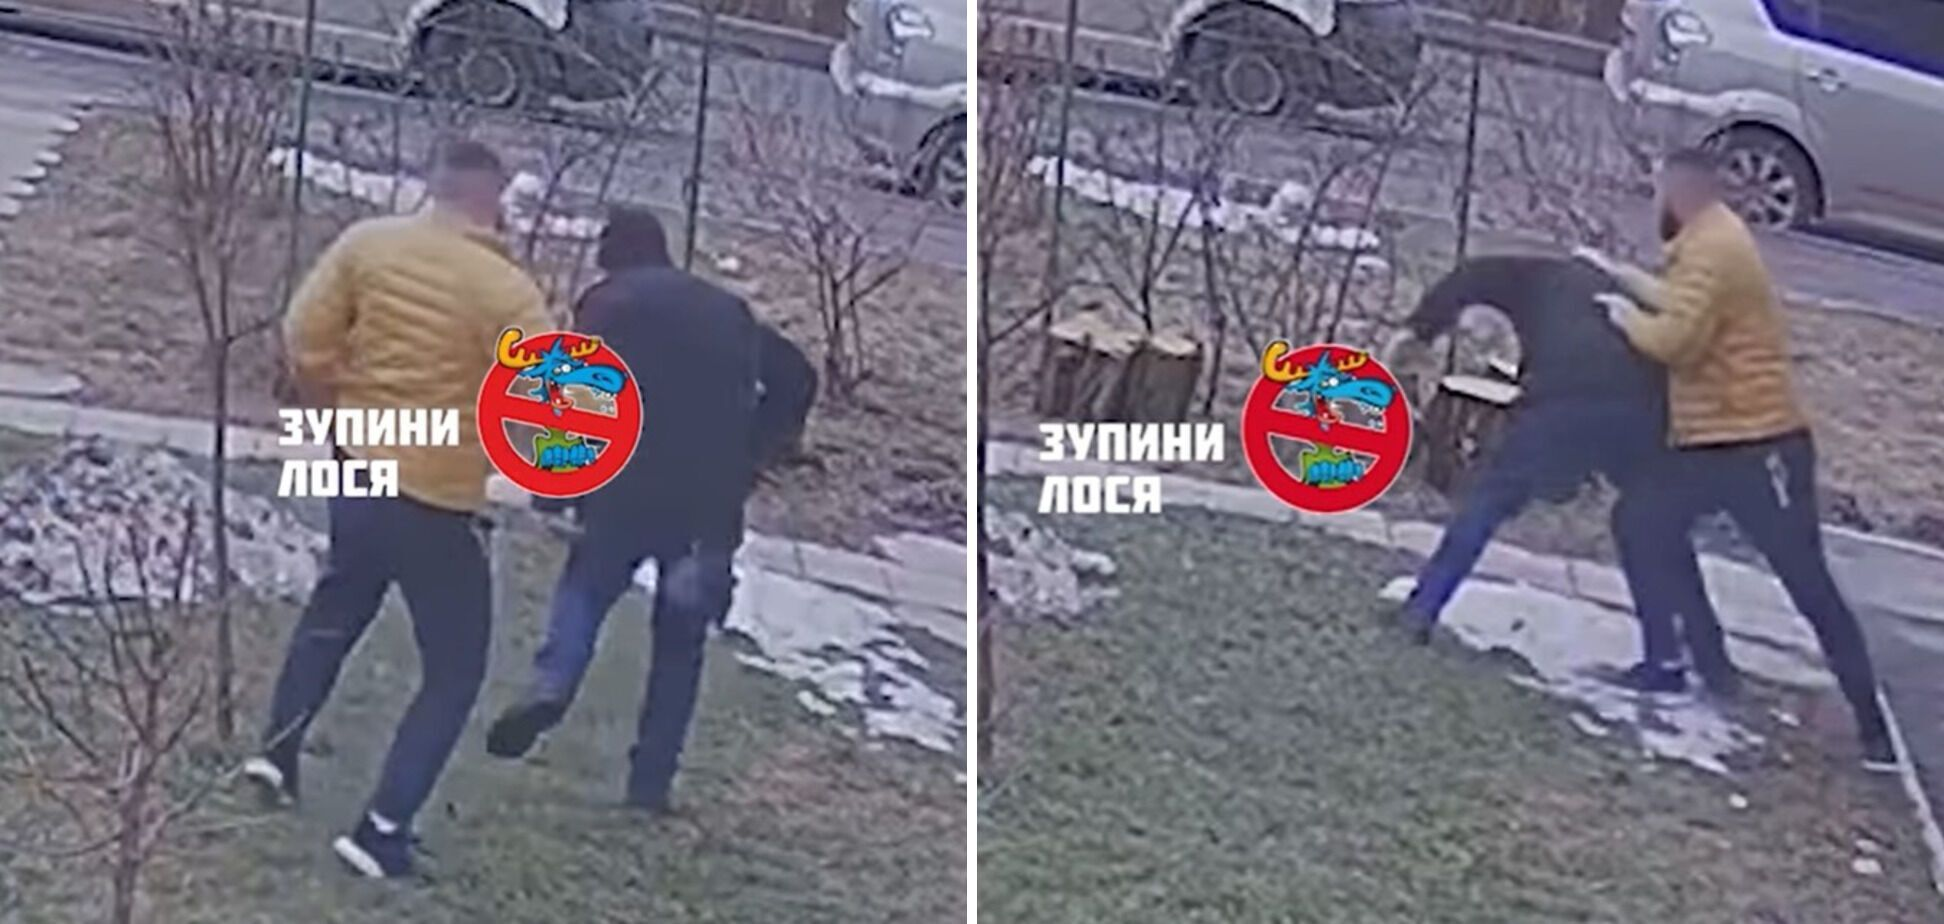 """В Виннице """"герой парковки"""" избил мужчину за замечание: история получила неожиданный финал. Видео, фото-1"""